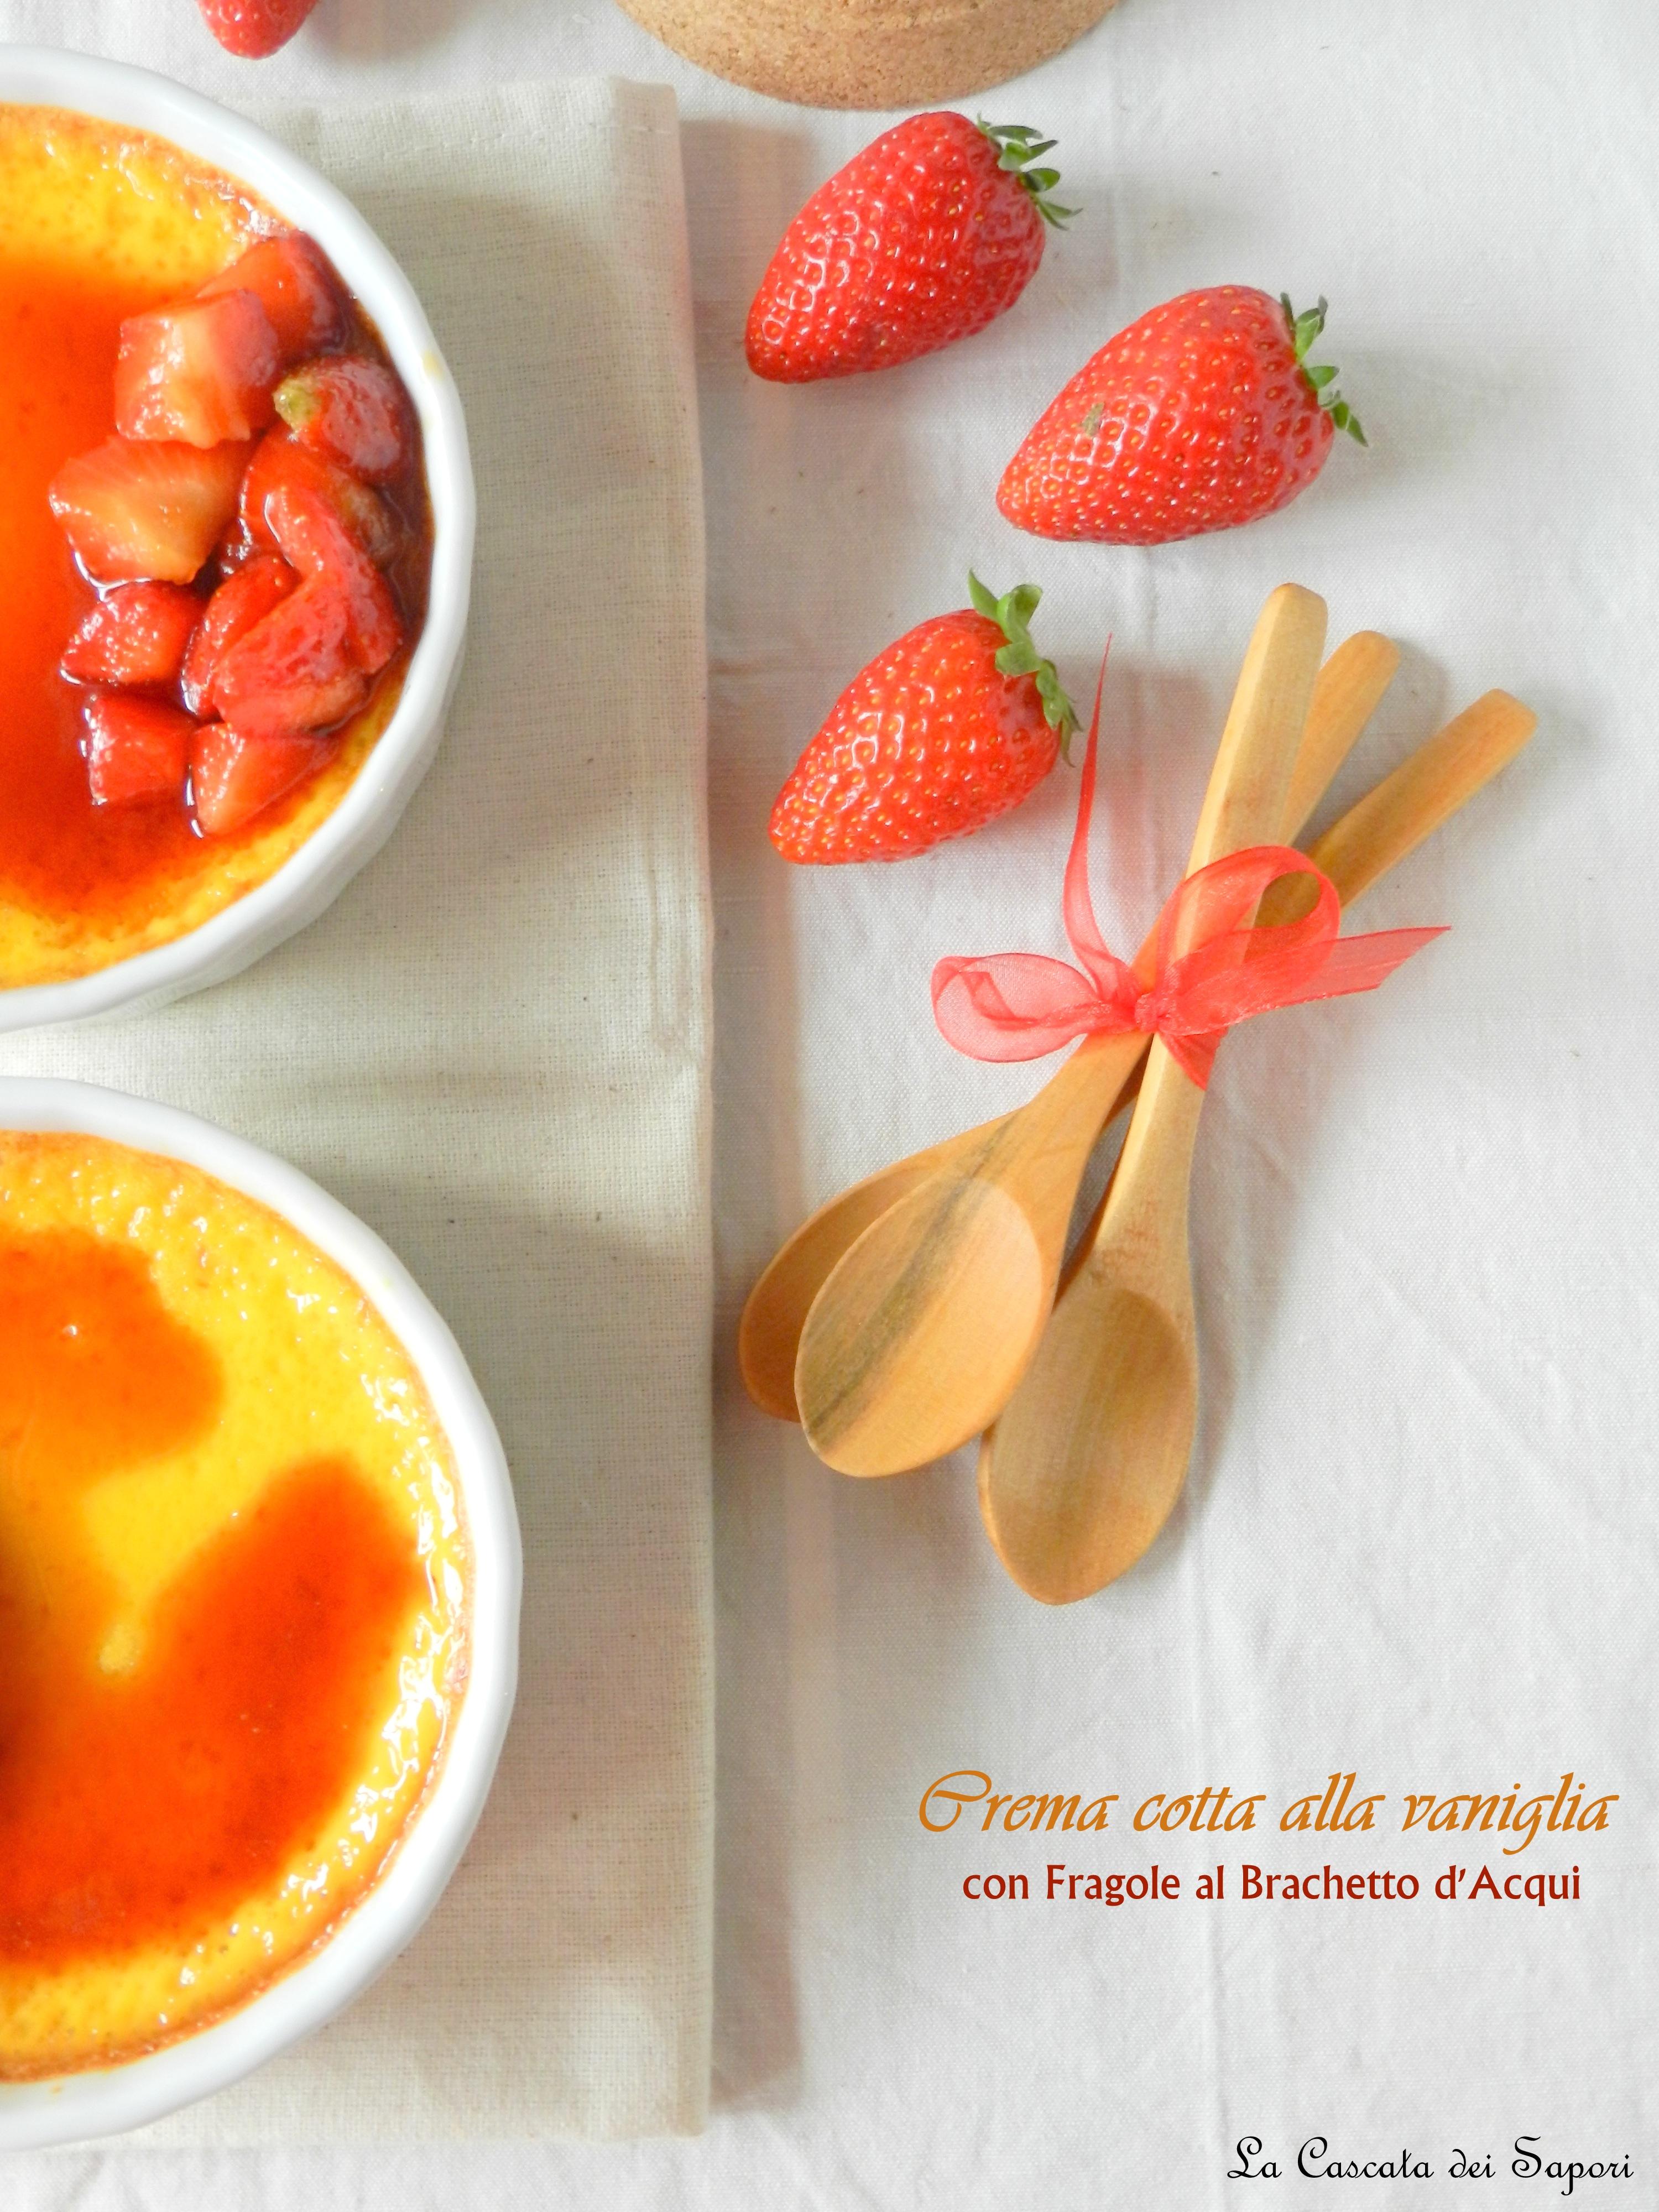 Crema Cotta alla vaniglia con fragole al Brachetto d'Acqui